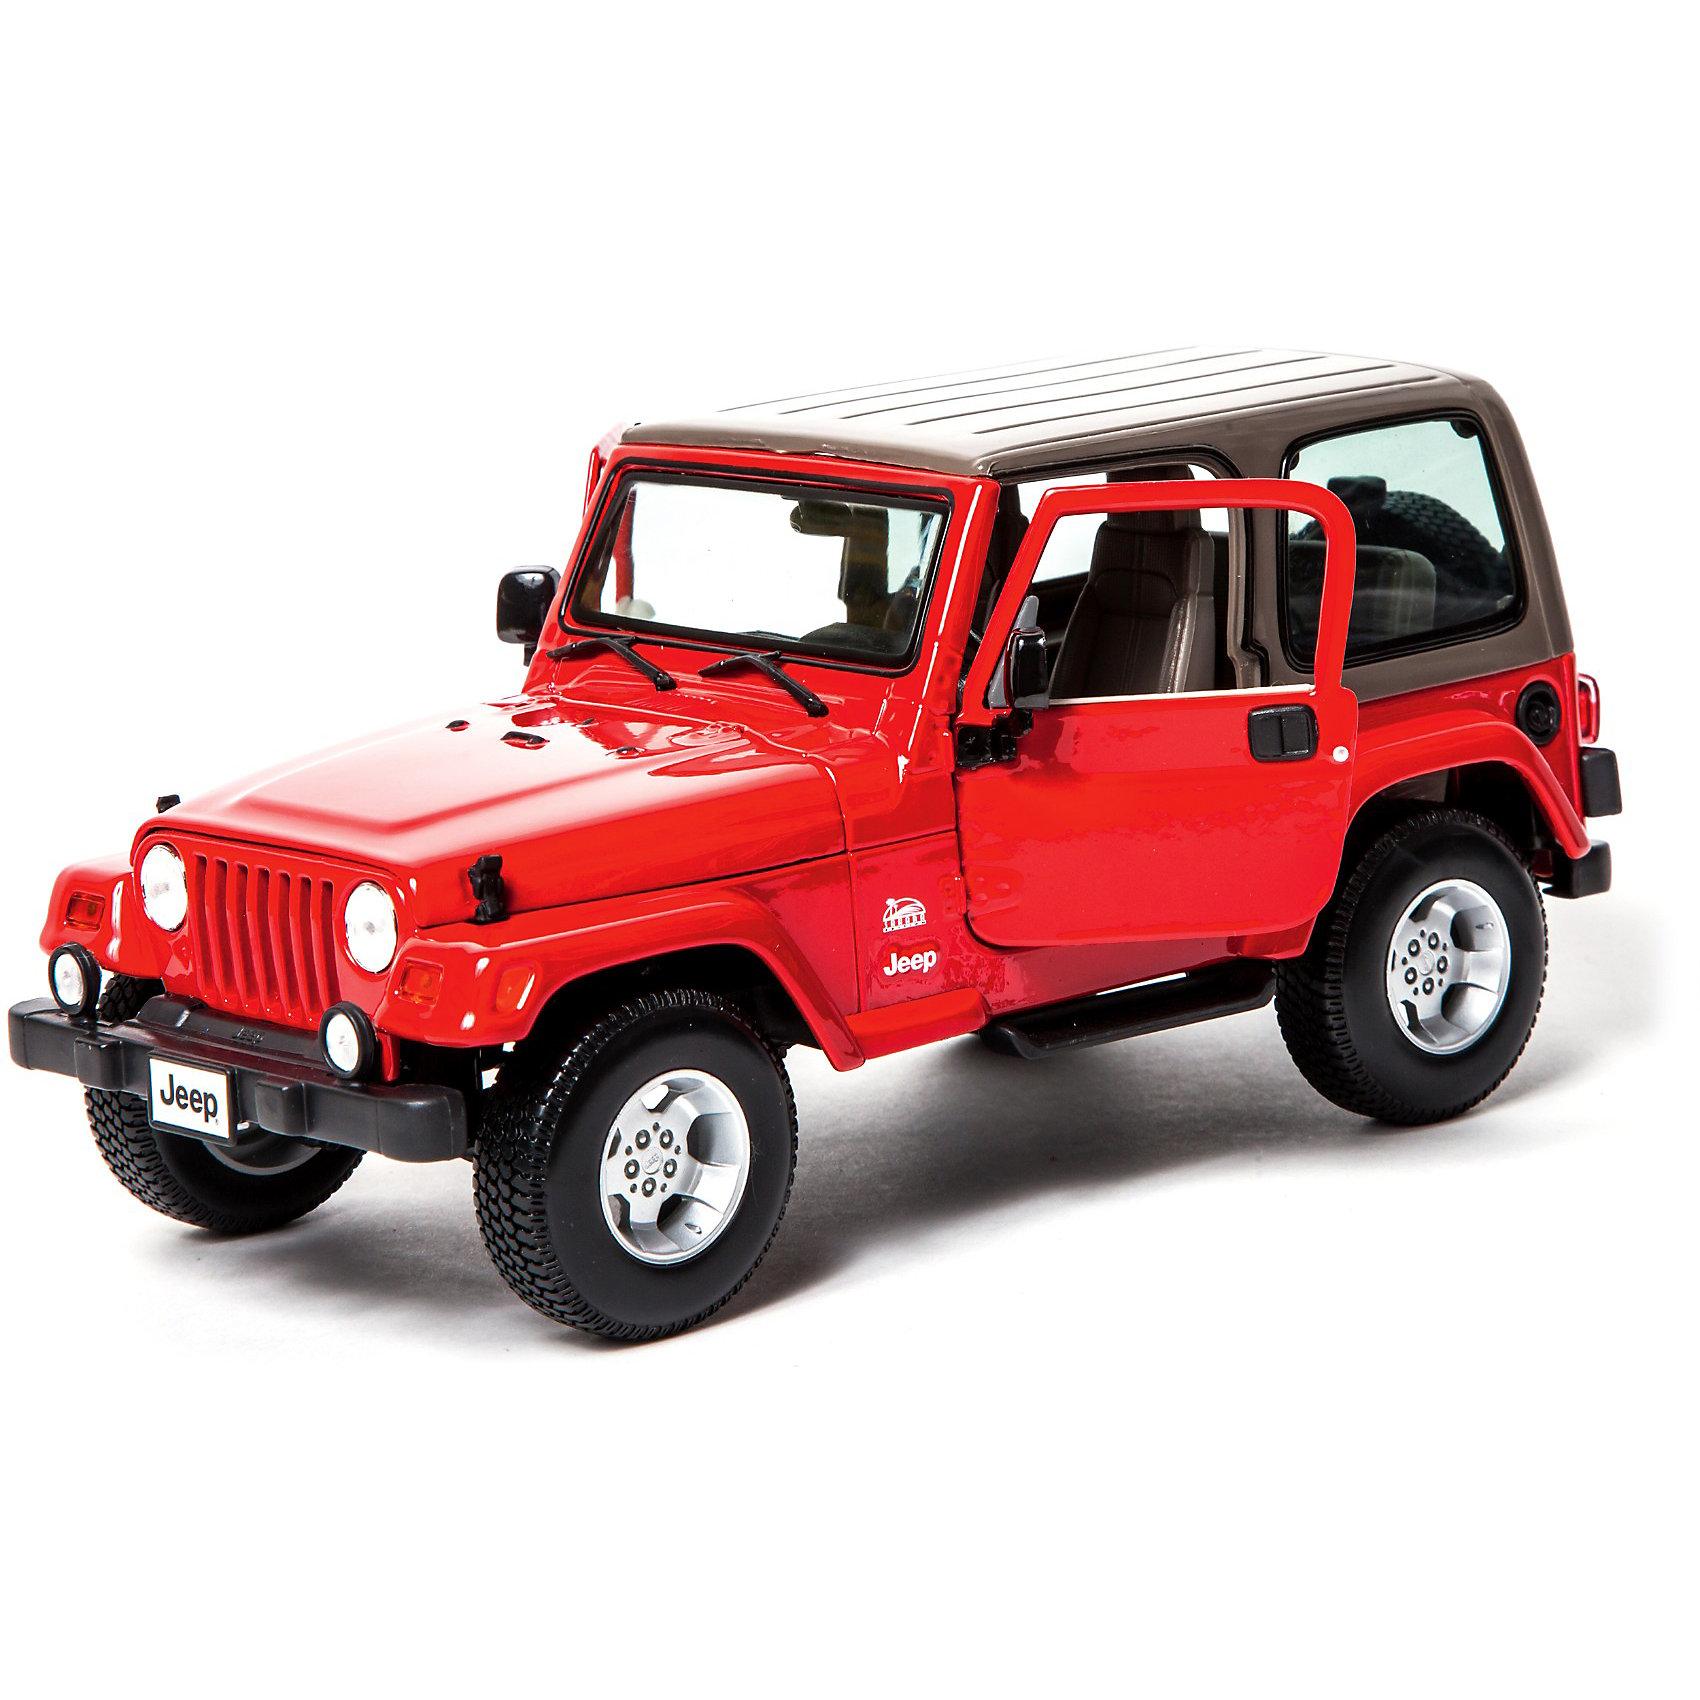 Машина Jeep Wrangler Sahara металл., 1:18, BburagoМашинки<br>Машина Jeep Wrangler Sahara металл., 1:18, Bburago (Бураго)<br>Компания Bburago – мировой лидер в производстве коллекционных  моделей автомобилей.  <br>Более 30 лет профессиональные дизайнеры Bburago разрабатывают точные копии современных машин и ретро машин известных марок.  <br><br>JEEP WRANGLER SAHARA  –  настоящий внедорожник, который подходит как для городского, так и загородного режима движения.  <br>Уверенность в способности «пройти любым путем и справиться с любой задачей» - врожденное качество любой раздаточной коробки, созданной под брендом JEEP.<br><br>Функциональность игрушки:<br>- двухместная  модель внедорожника создана в масштабе 1:18<br>- у модели крутится руль, открываются двери и капот<br><br>Не важно, что ждет вас впереди – просто смело продолжайте движение вместе с JEEP WRANGLER SAHARA!<br><br>Дополнительная информация:<br><br>- Материал: Металл<br>- Размеры упаковки: 29, 6 х 20 х 12 см<br>- Вес: 1,03 кг.<br><br>ВНИМАНИЕ! Данный артикул имеется в наличии в разных цветовых исполнениях (красный, светлый хаки). К сожалению, заранее выбрать определенный цвет невозможно. <br><br>Игрушку Машина Jeep Wrangler Sahara металл., 1:18, Bburago можно купить в нашем интернет-магазине.<br><br>Ширина мм: 183<br>Глубина мм: 302<br>Высота мм: 124<br>Вес г: 1167<br>Возраст от месяцев: 72<br>Возраст до месяцев: 1200<br>Пол: Мужской<br>Возраст: Детский<br>SKU: 1784037